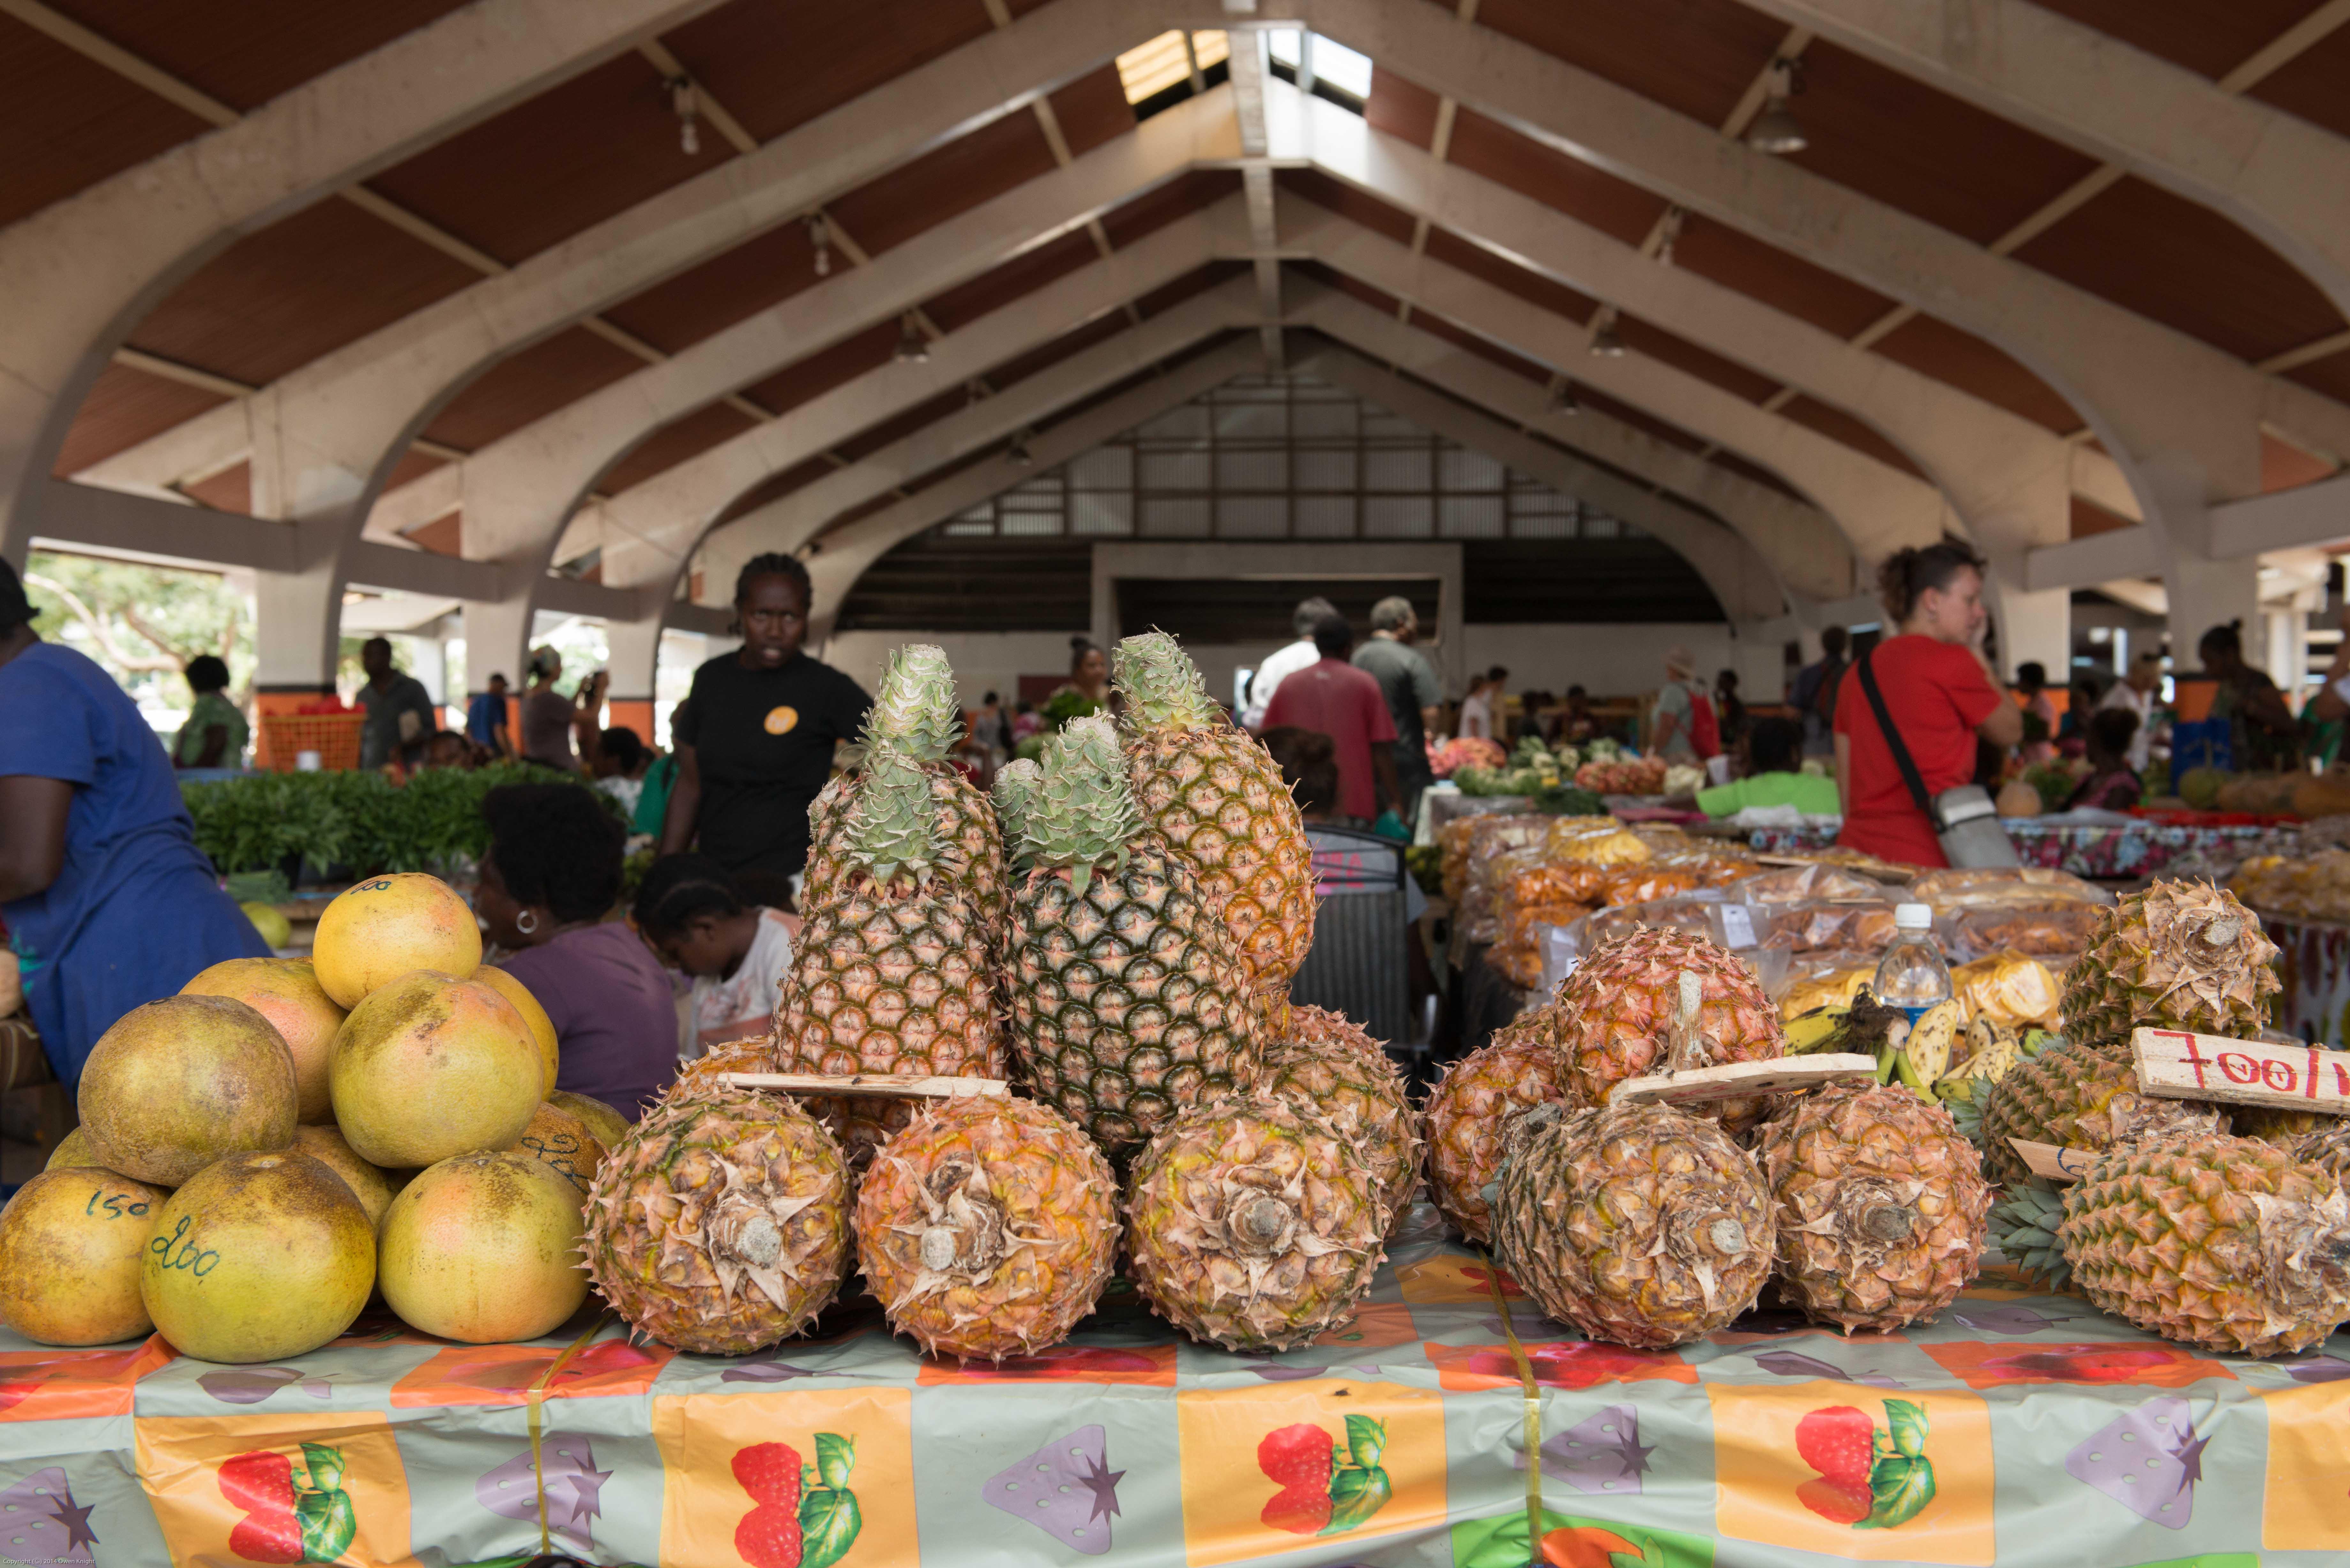 Vanuatu: Port Vila 24-Hour Market